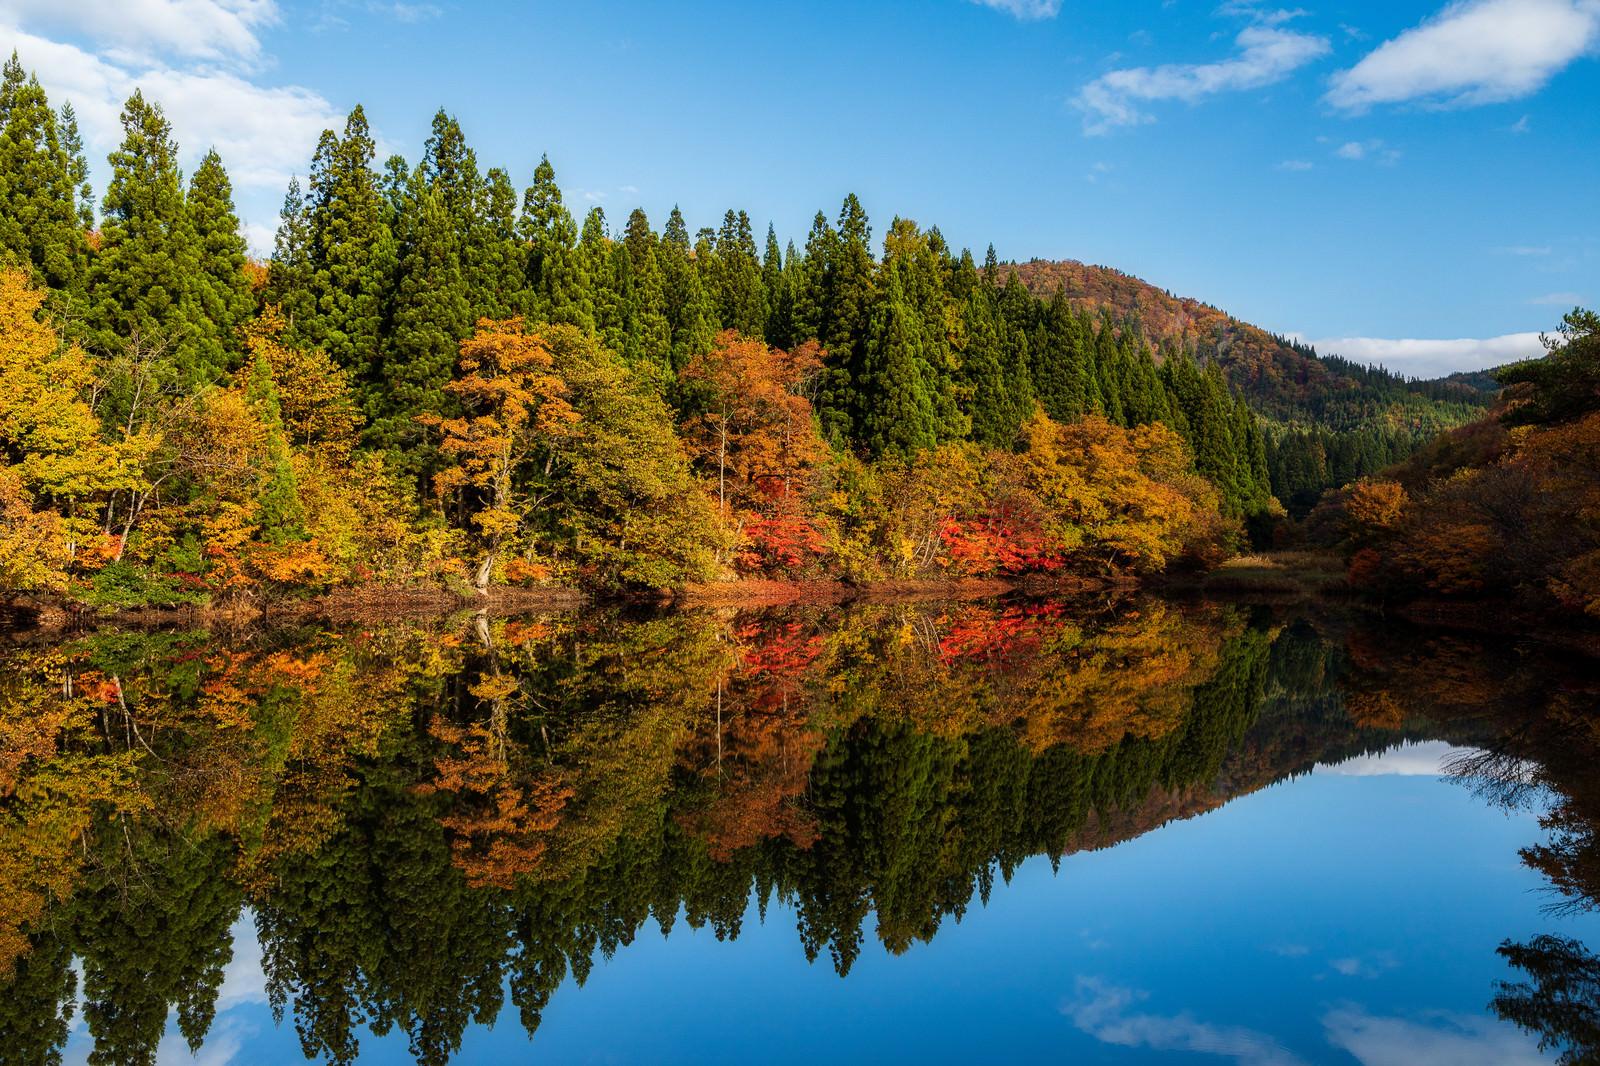 「紅葉で彩るため池」の写真